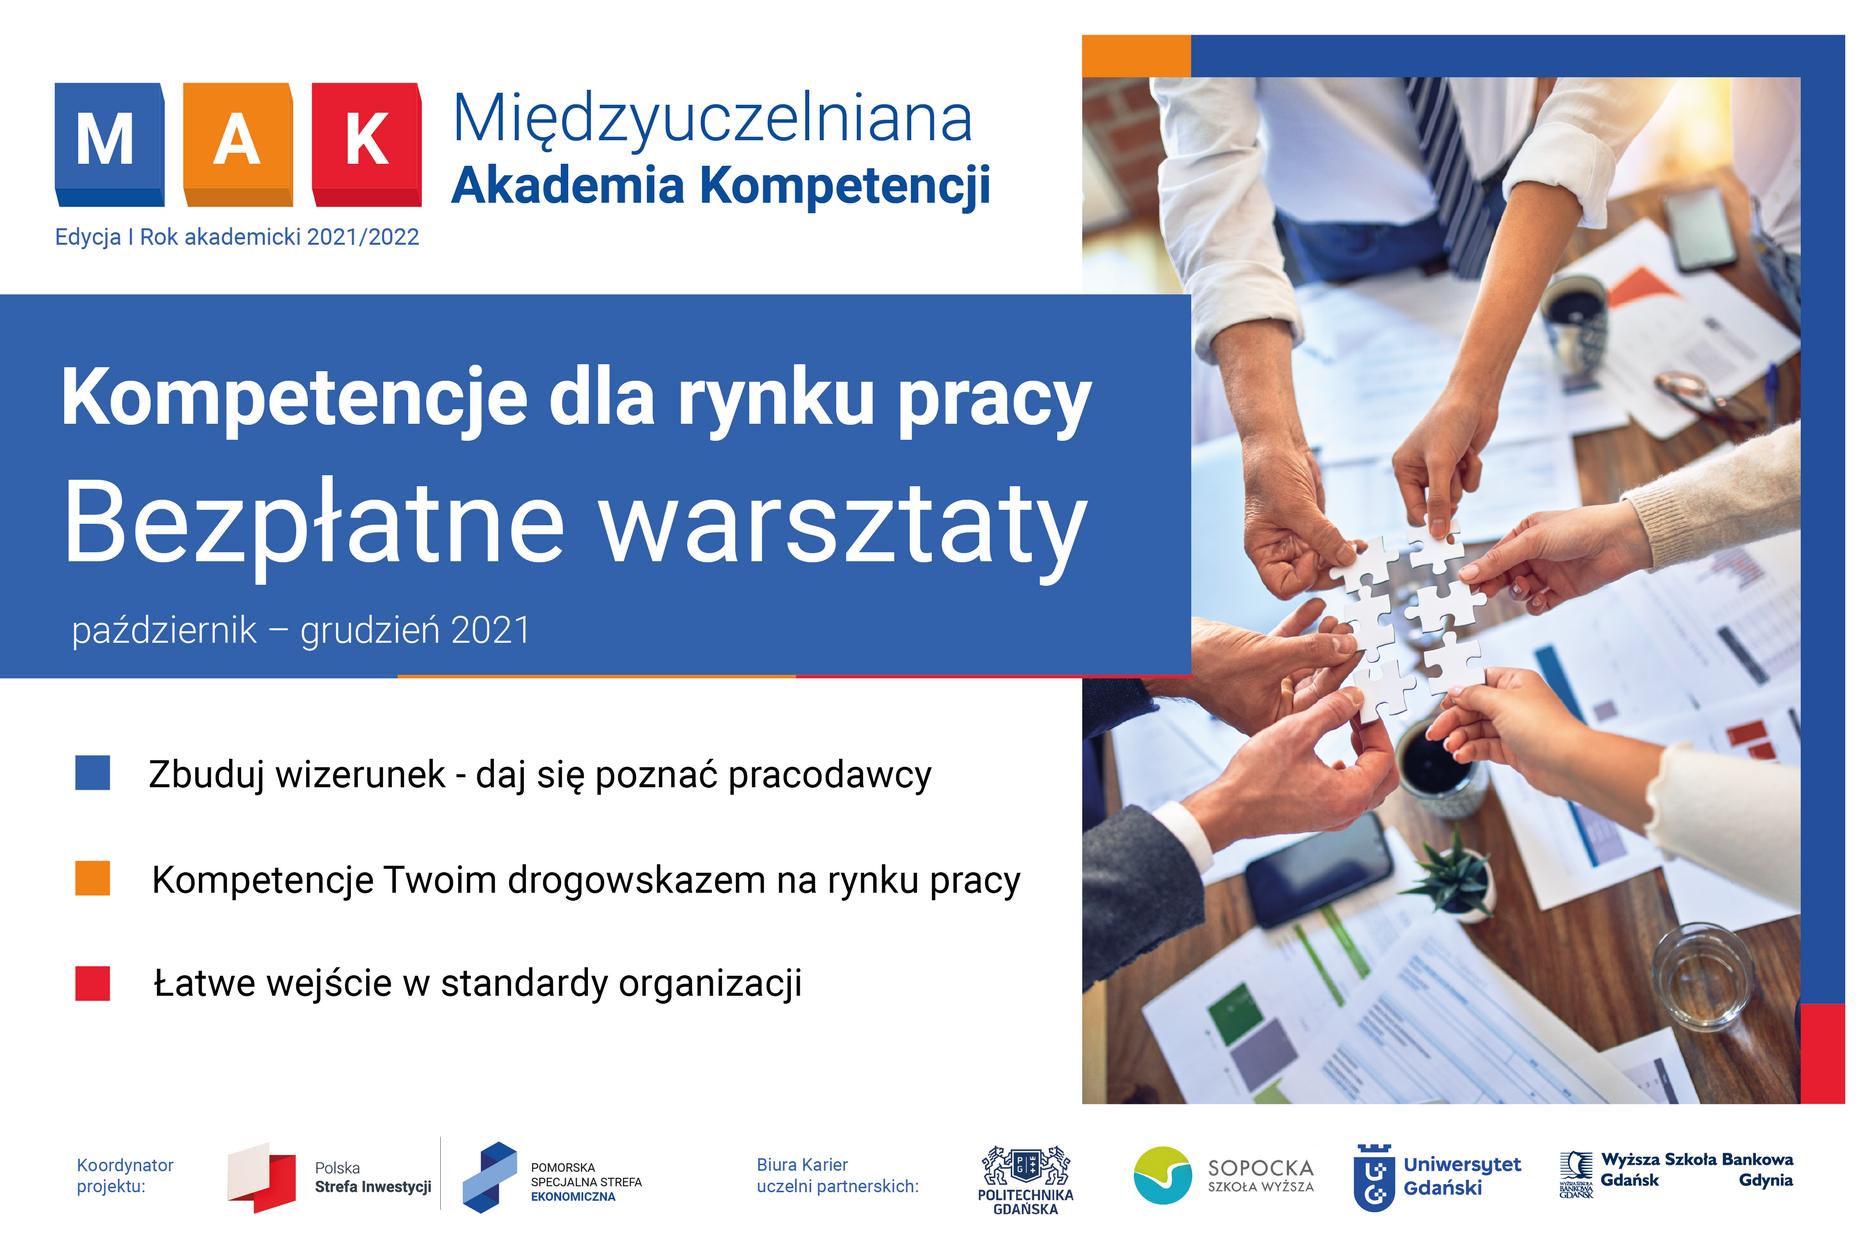 plakat promujący Międzyuczelnianą Akademię Kompetencji zawierający hasła zachęcające do udziału w przedsięwzięciu